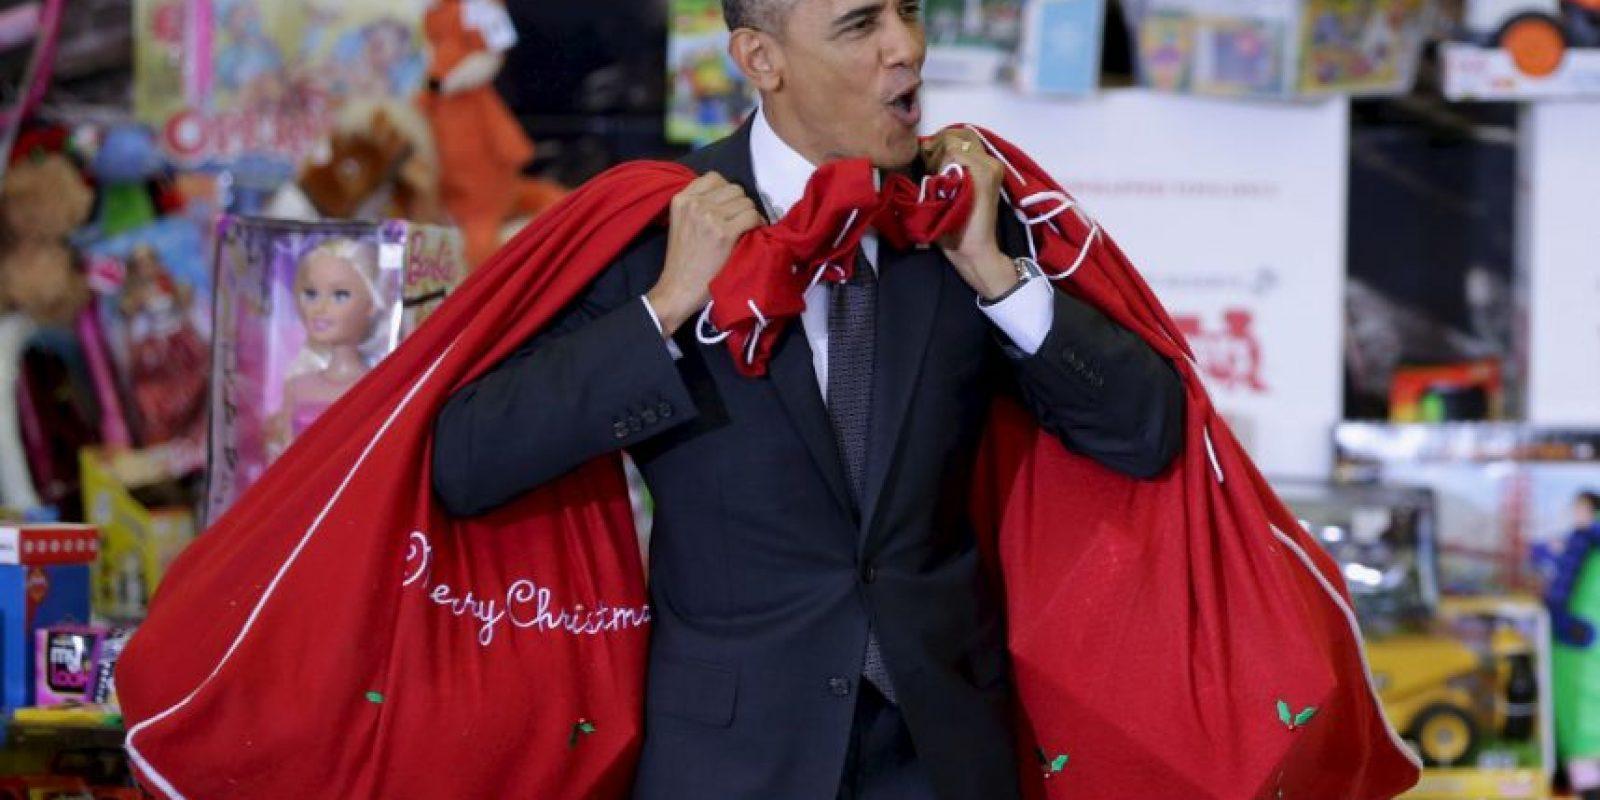 El 53% aceptó haber robado algo Foto:Getty Images